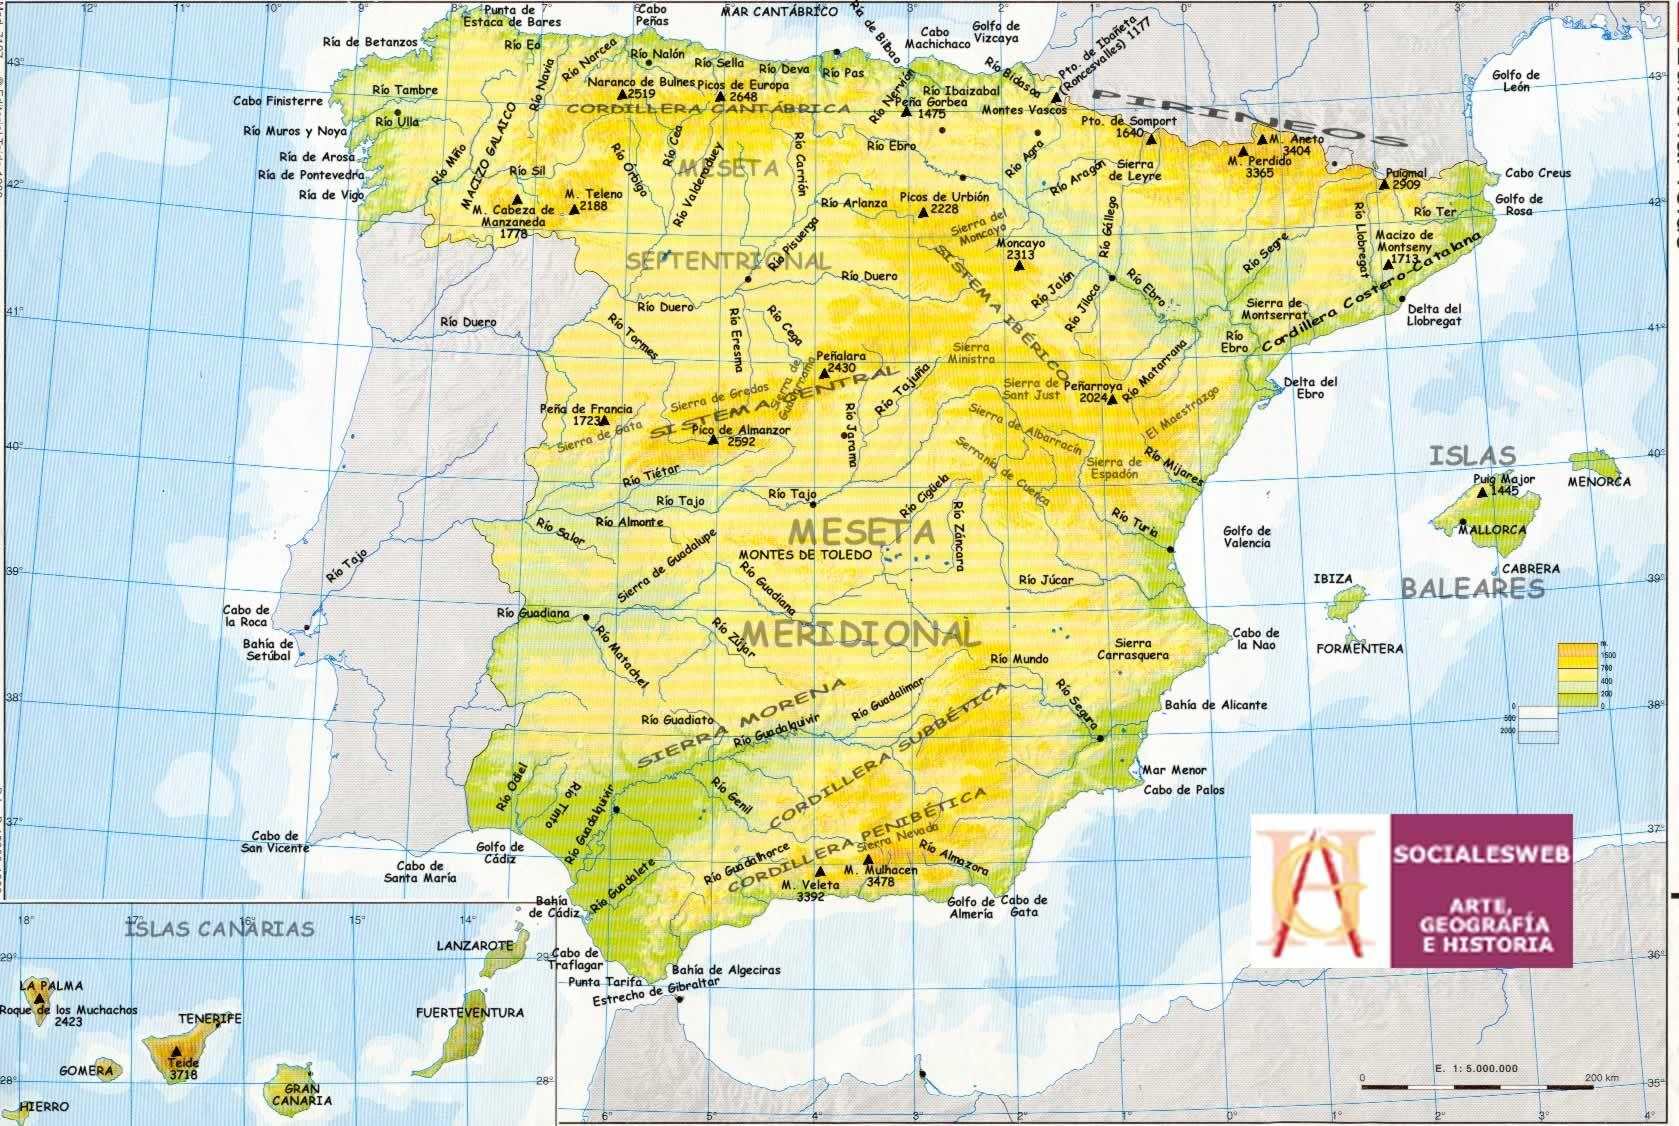 Cabos golfos ros de Espaa  Mapas para Espaa  Pinterest